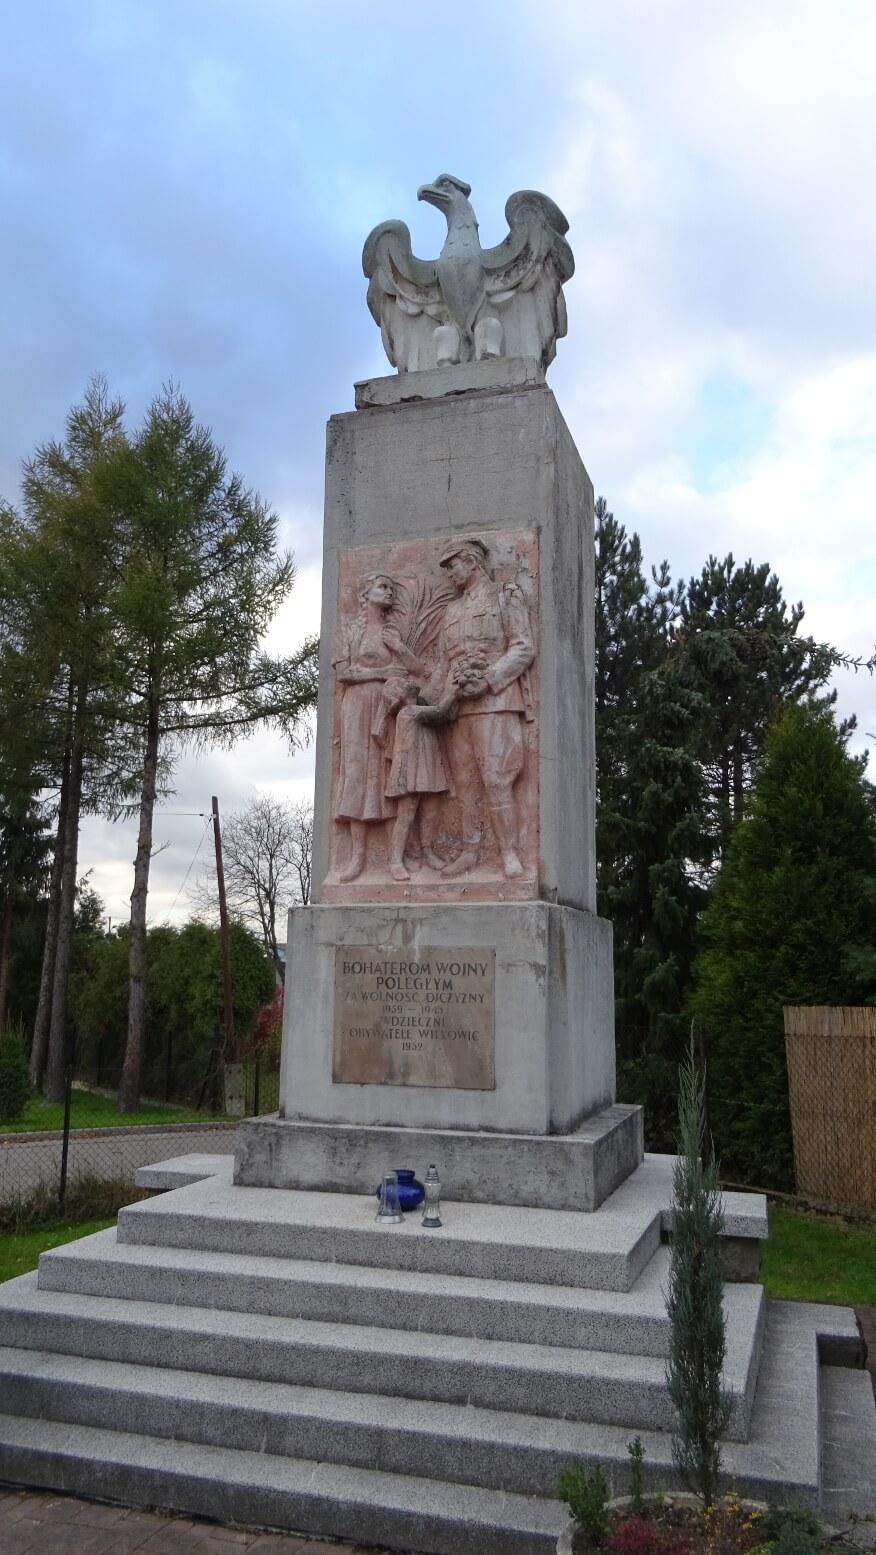 Pomnik w Wilkowicach poświęcony bohaterom poległym w walce za ojczyznę